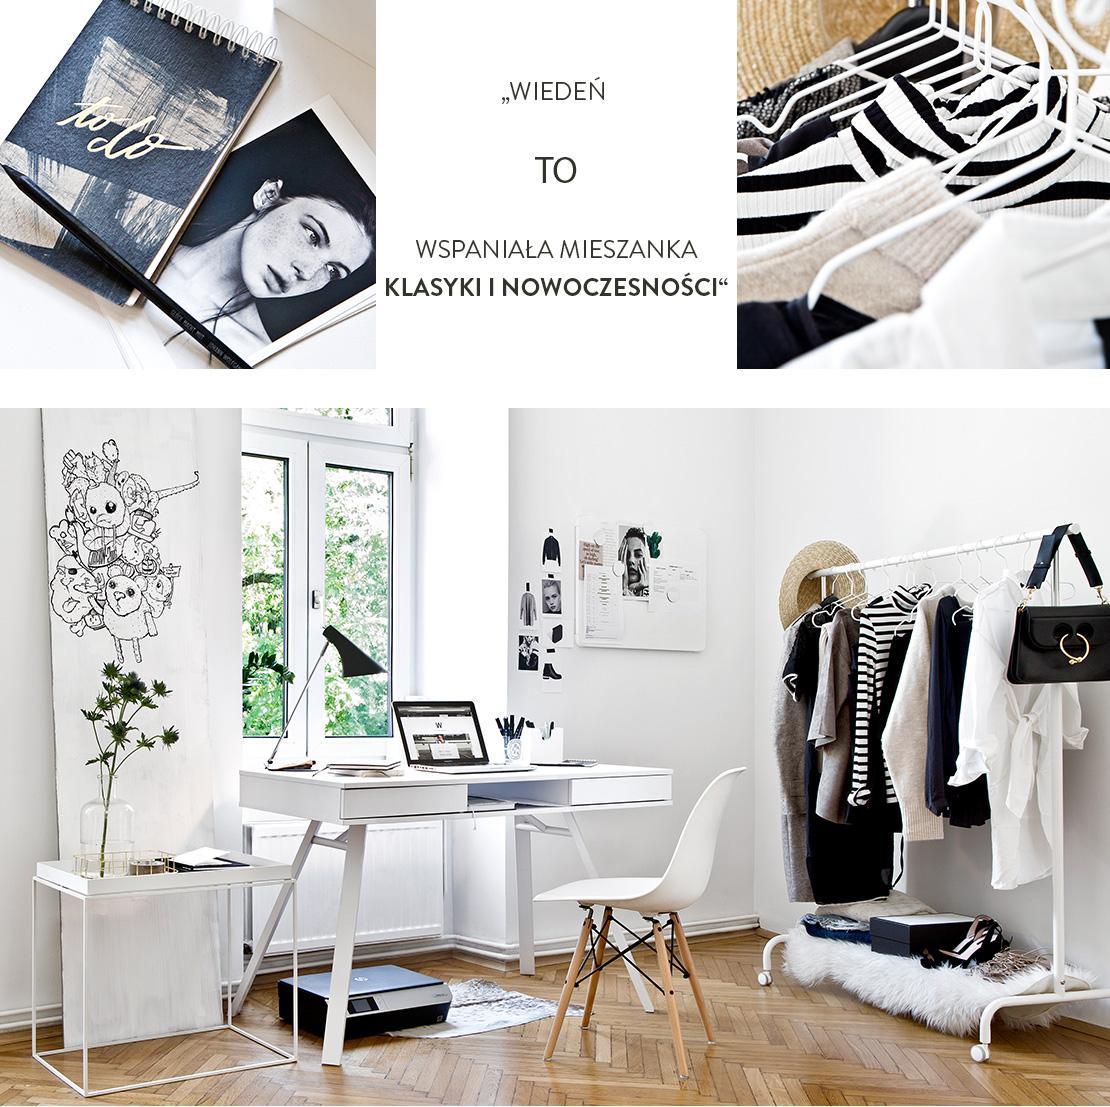 nowoczesne mieszkanie w Wiedniu